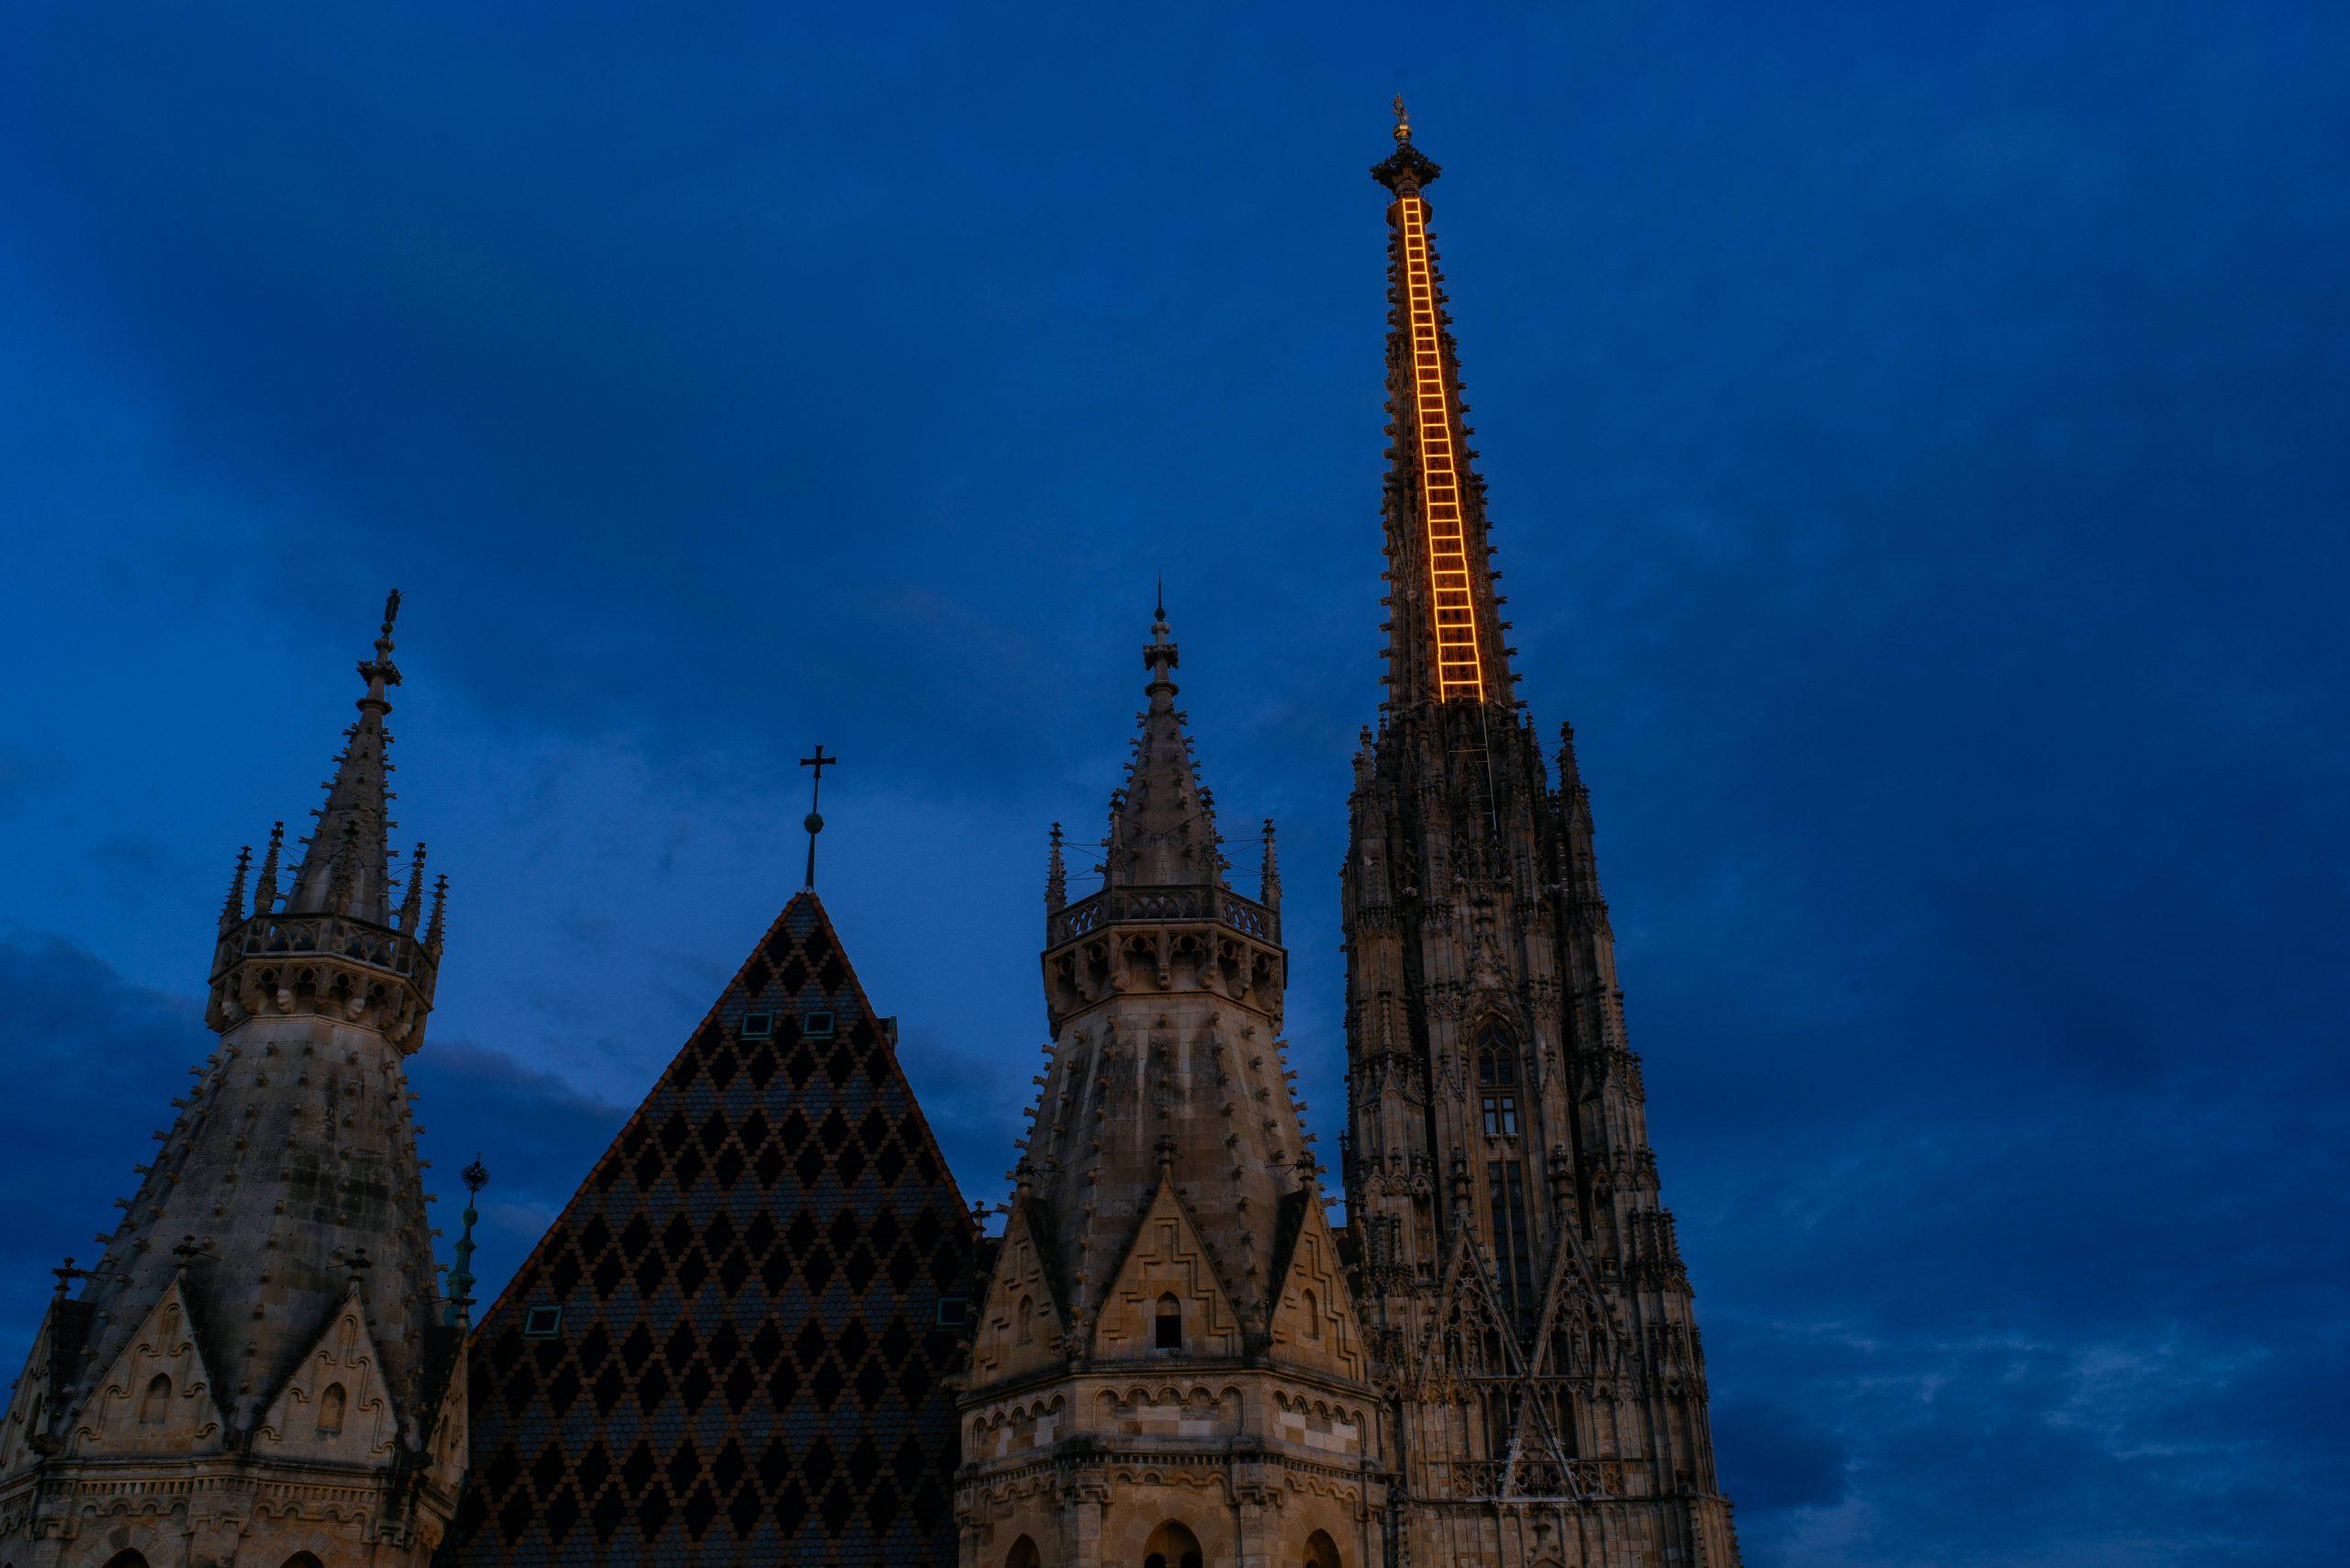 Na bečkoj katedrali nebeske lestvice kao simbol nade 1